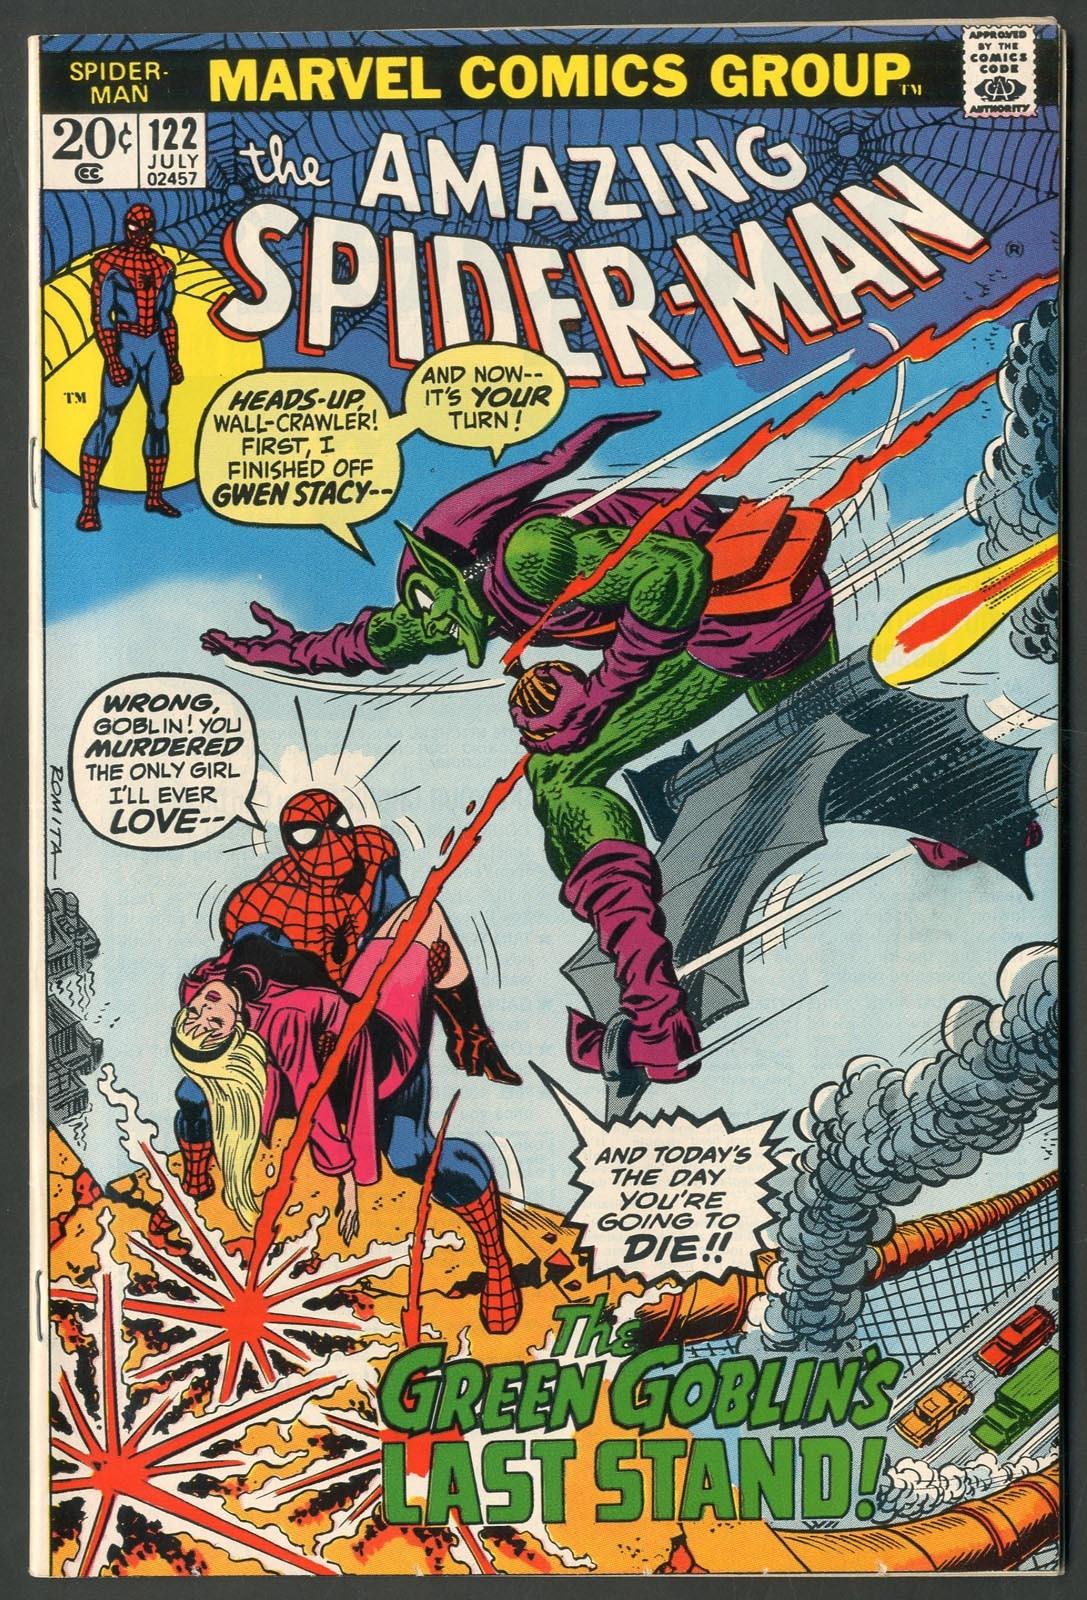 Comics - Monthly 04-18